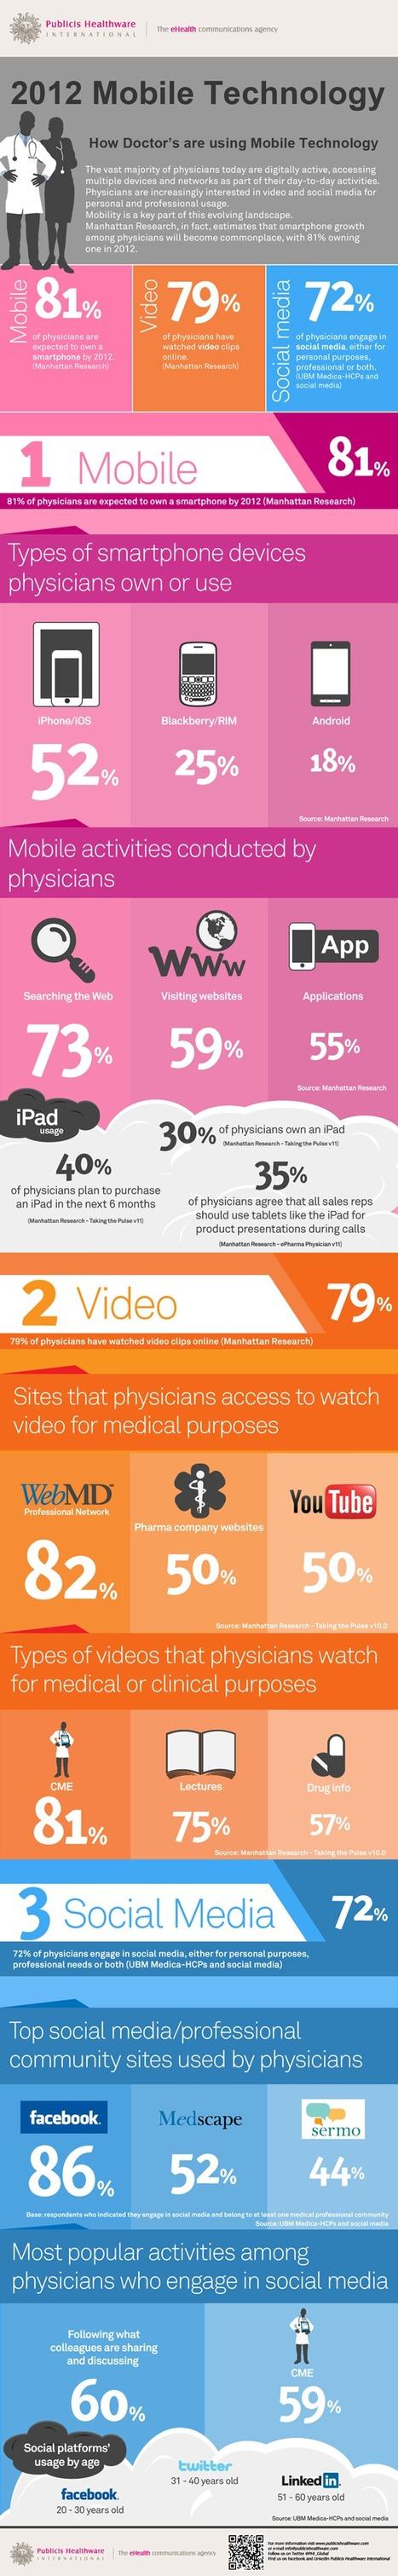 Cómo el uso de los médicos de la tecnología móvil impacta en la telesalud - infografía y puntos de vista | eSalud Social Media | Scoop.it